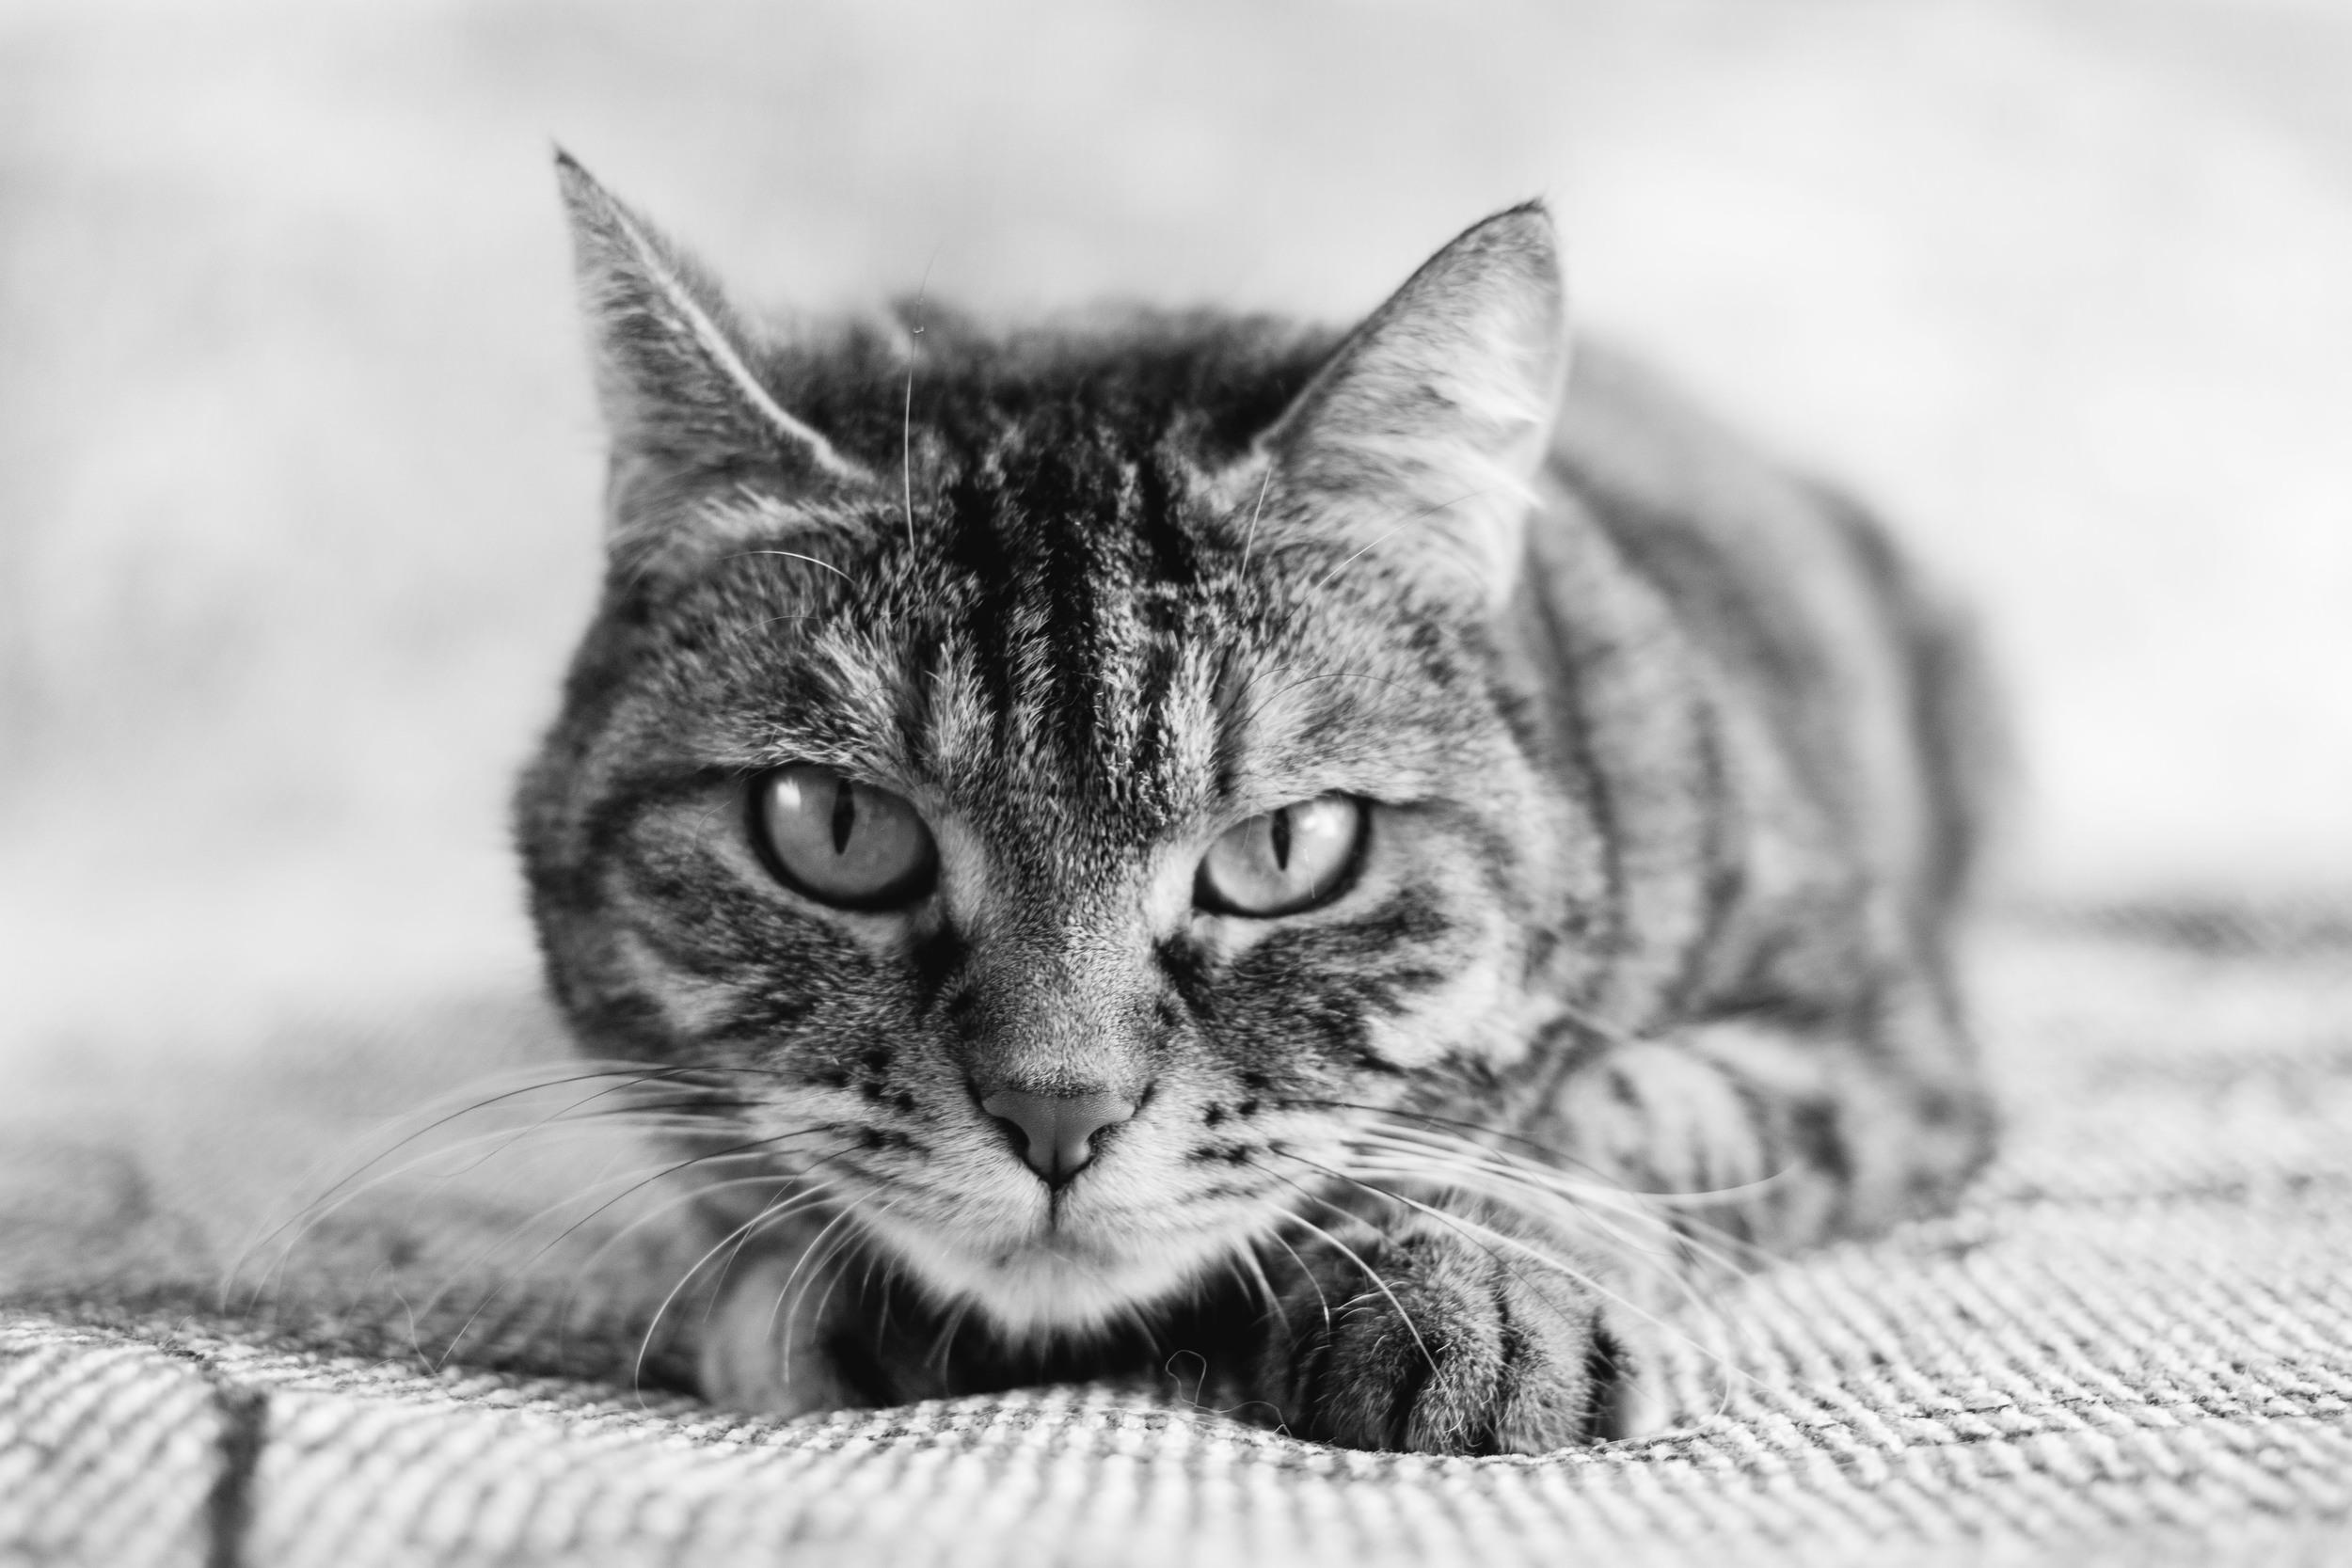 Gatto ritratti bianco nero fotografo torino Laura Griffiihs Fotografia